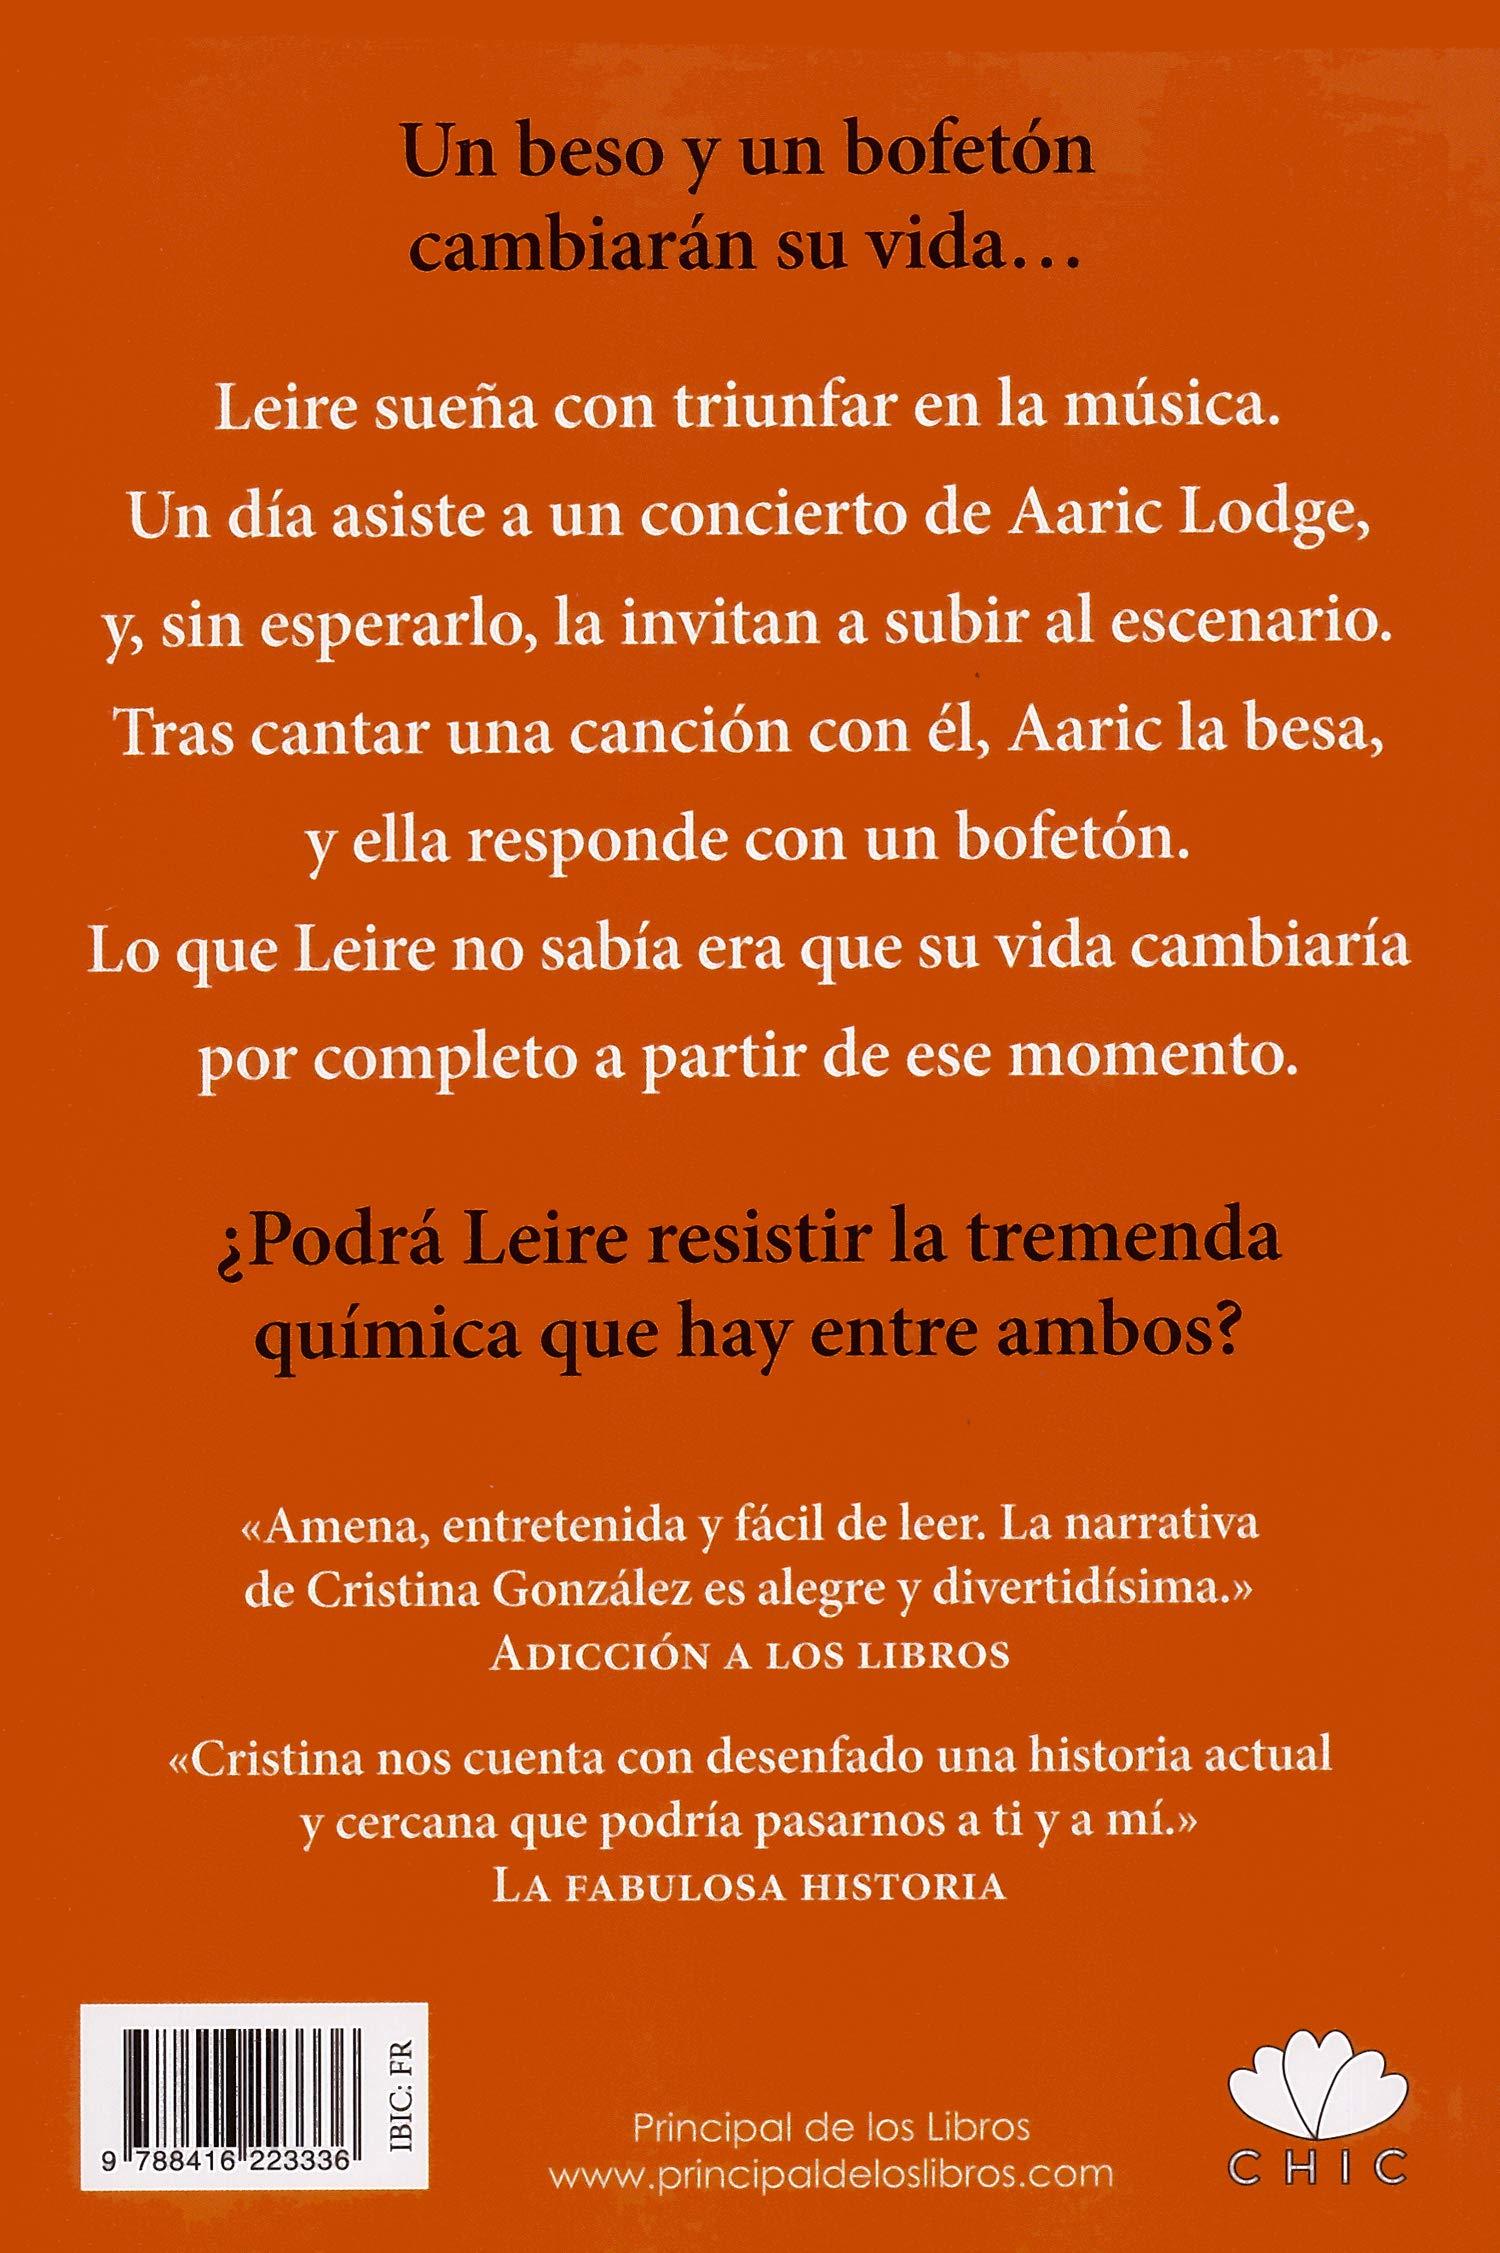 Todas mis canciones son para ti (Chic): Amazon.es: González ...